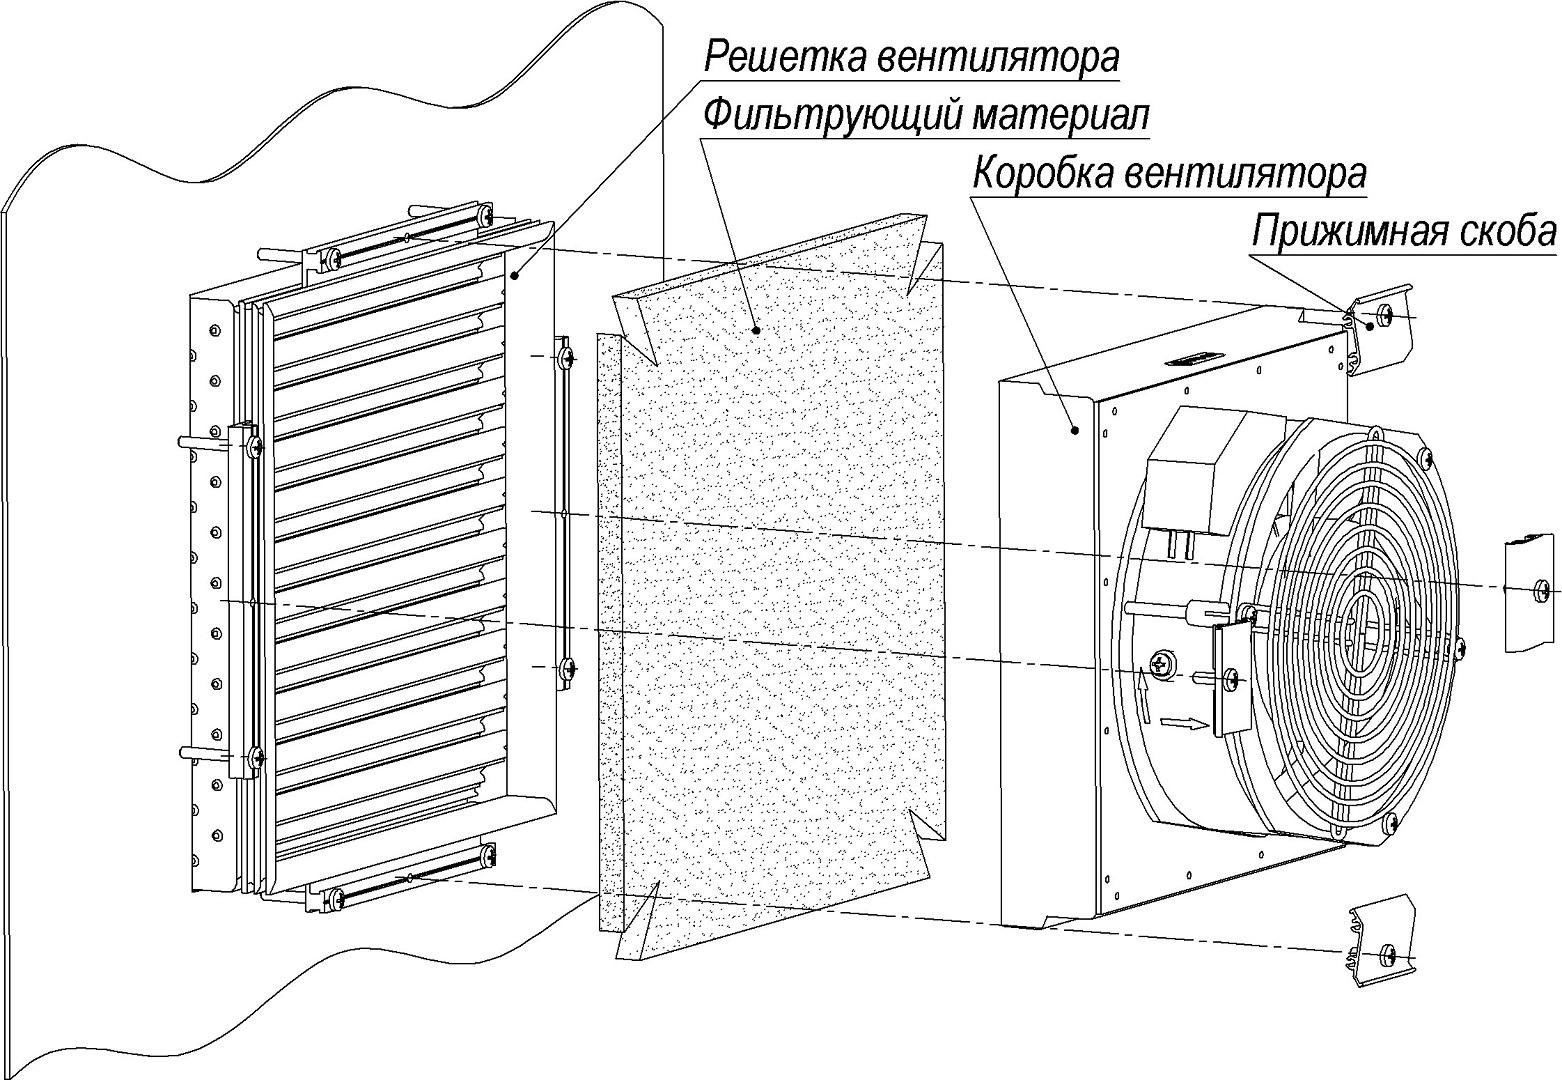 Замена фильтрующего материала ВТШ-170